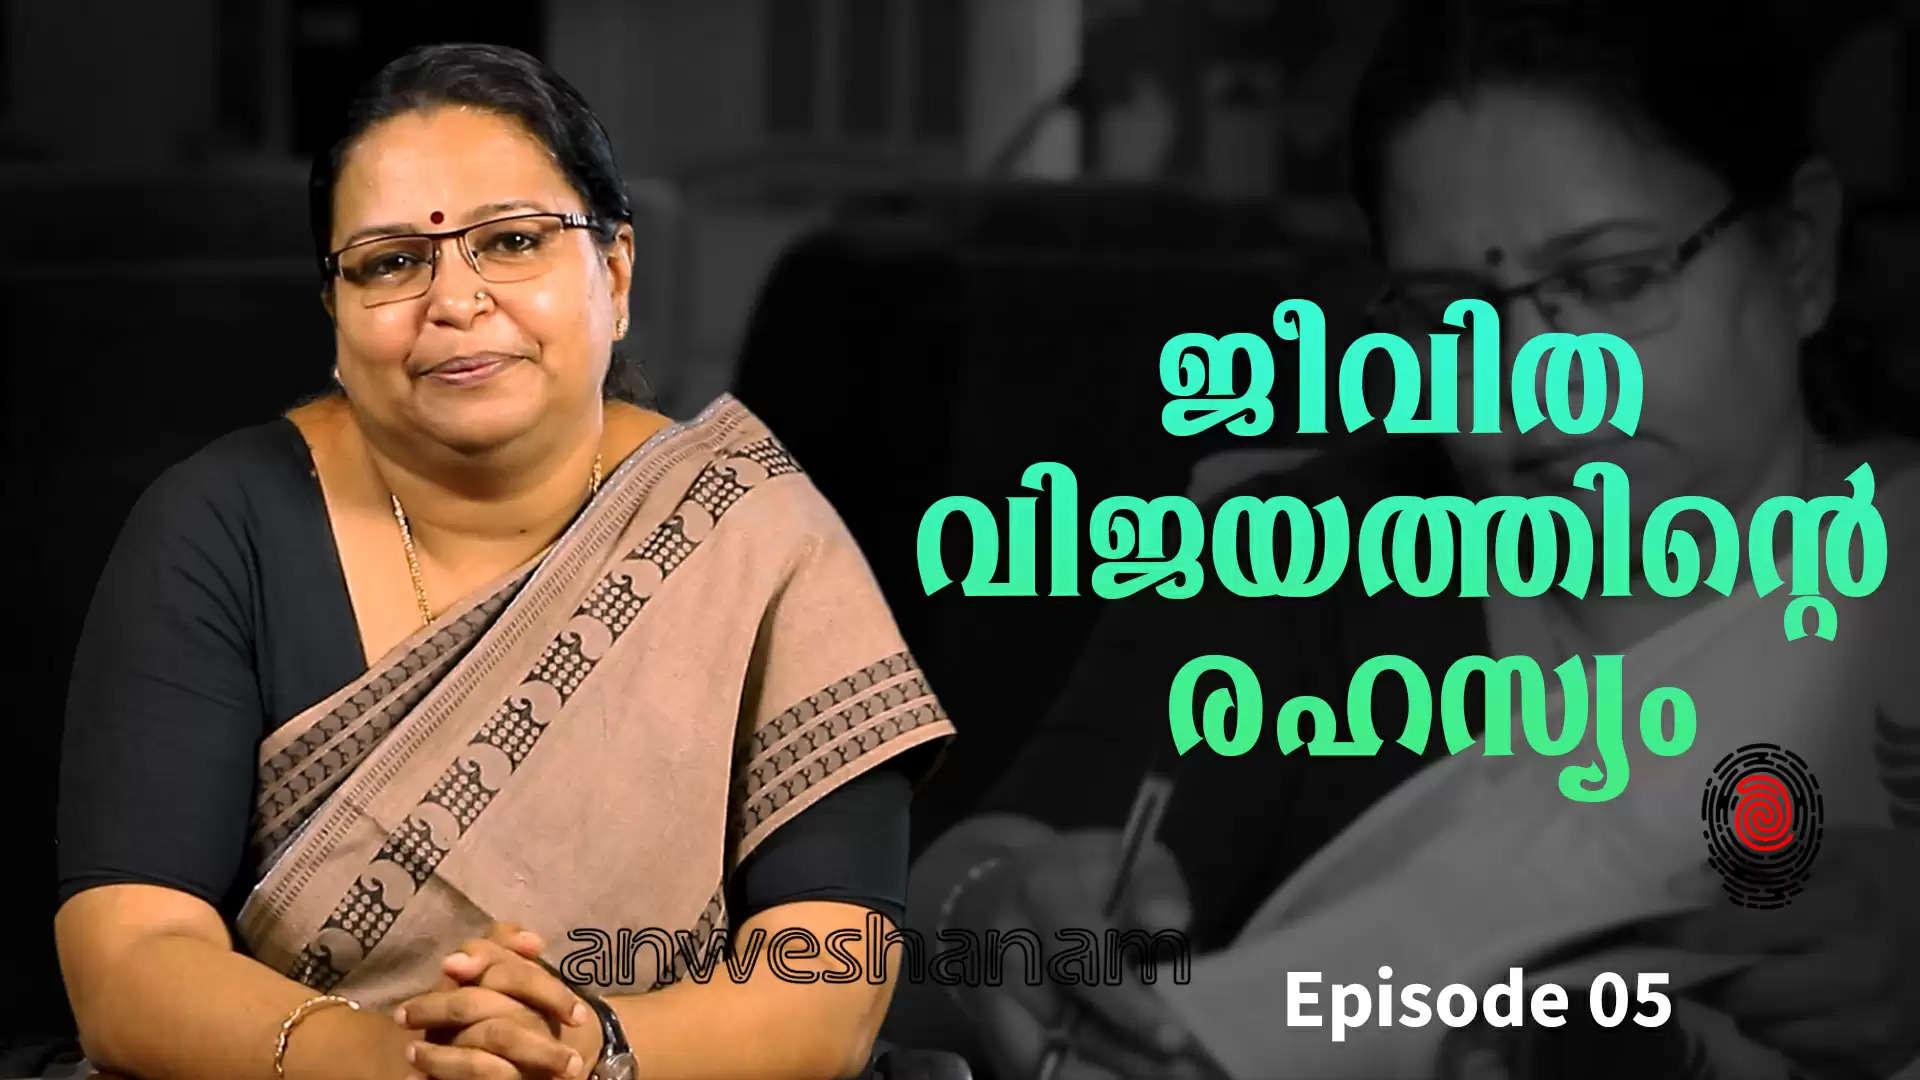 epi 5 jeevitha vijayam